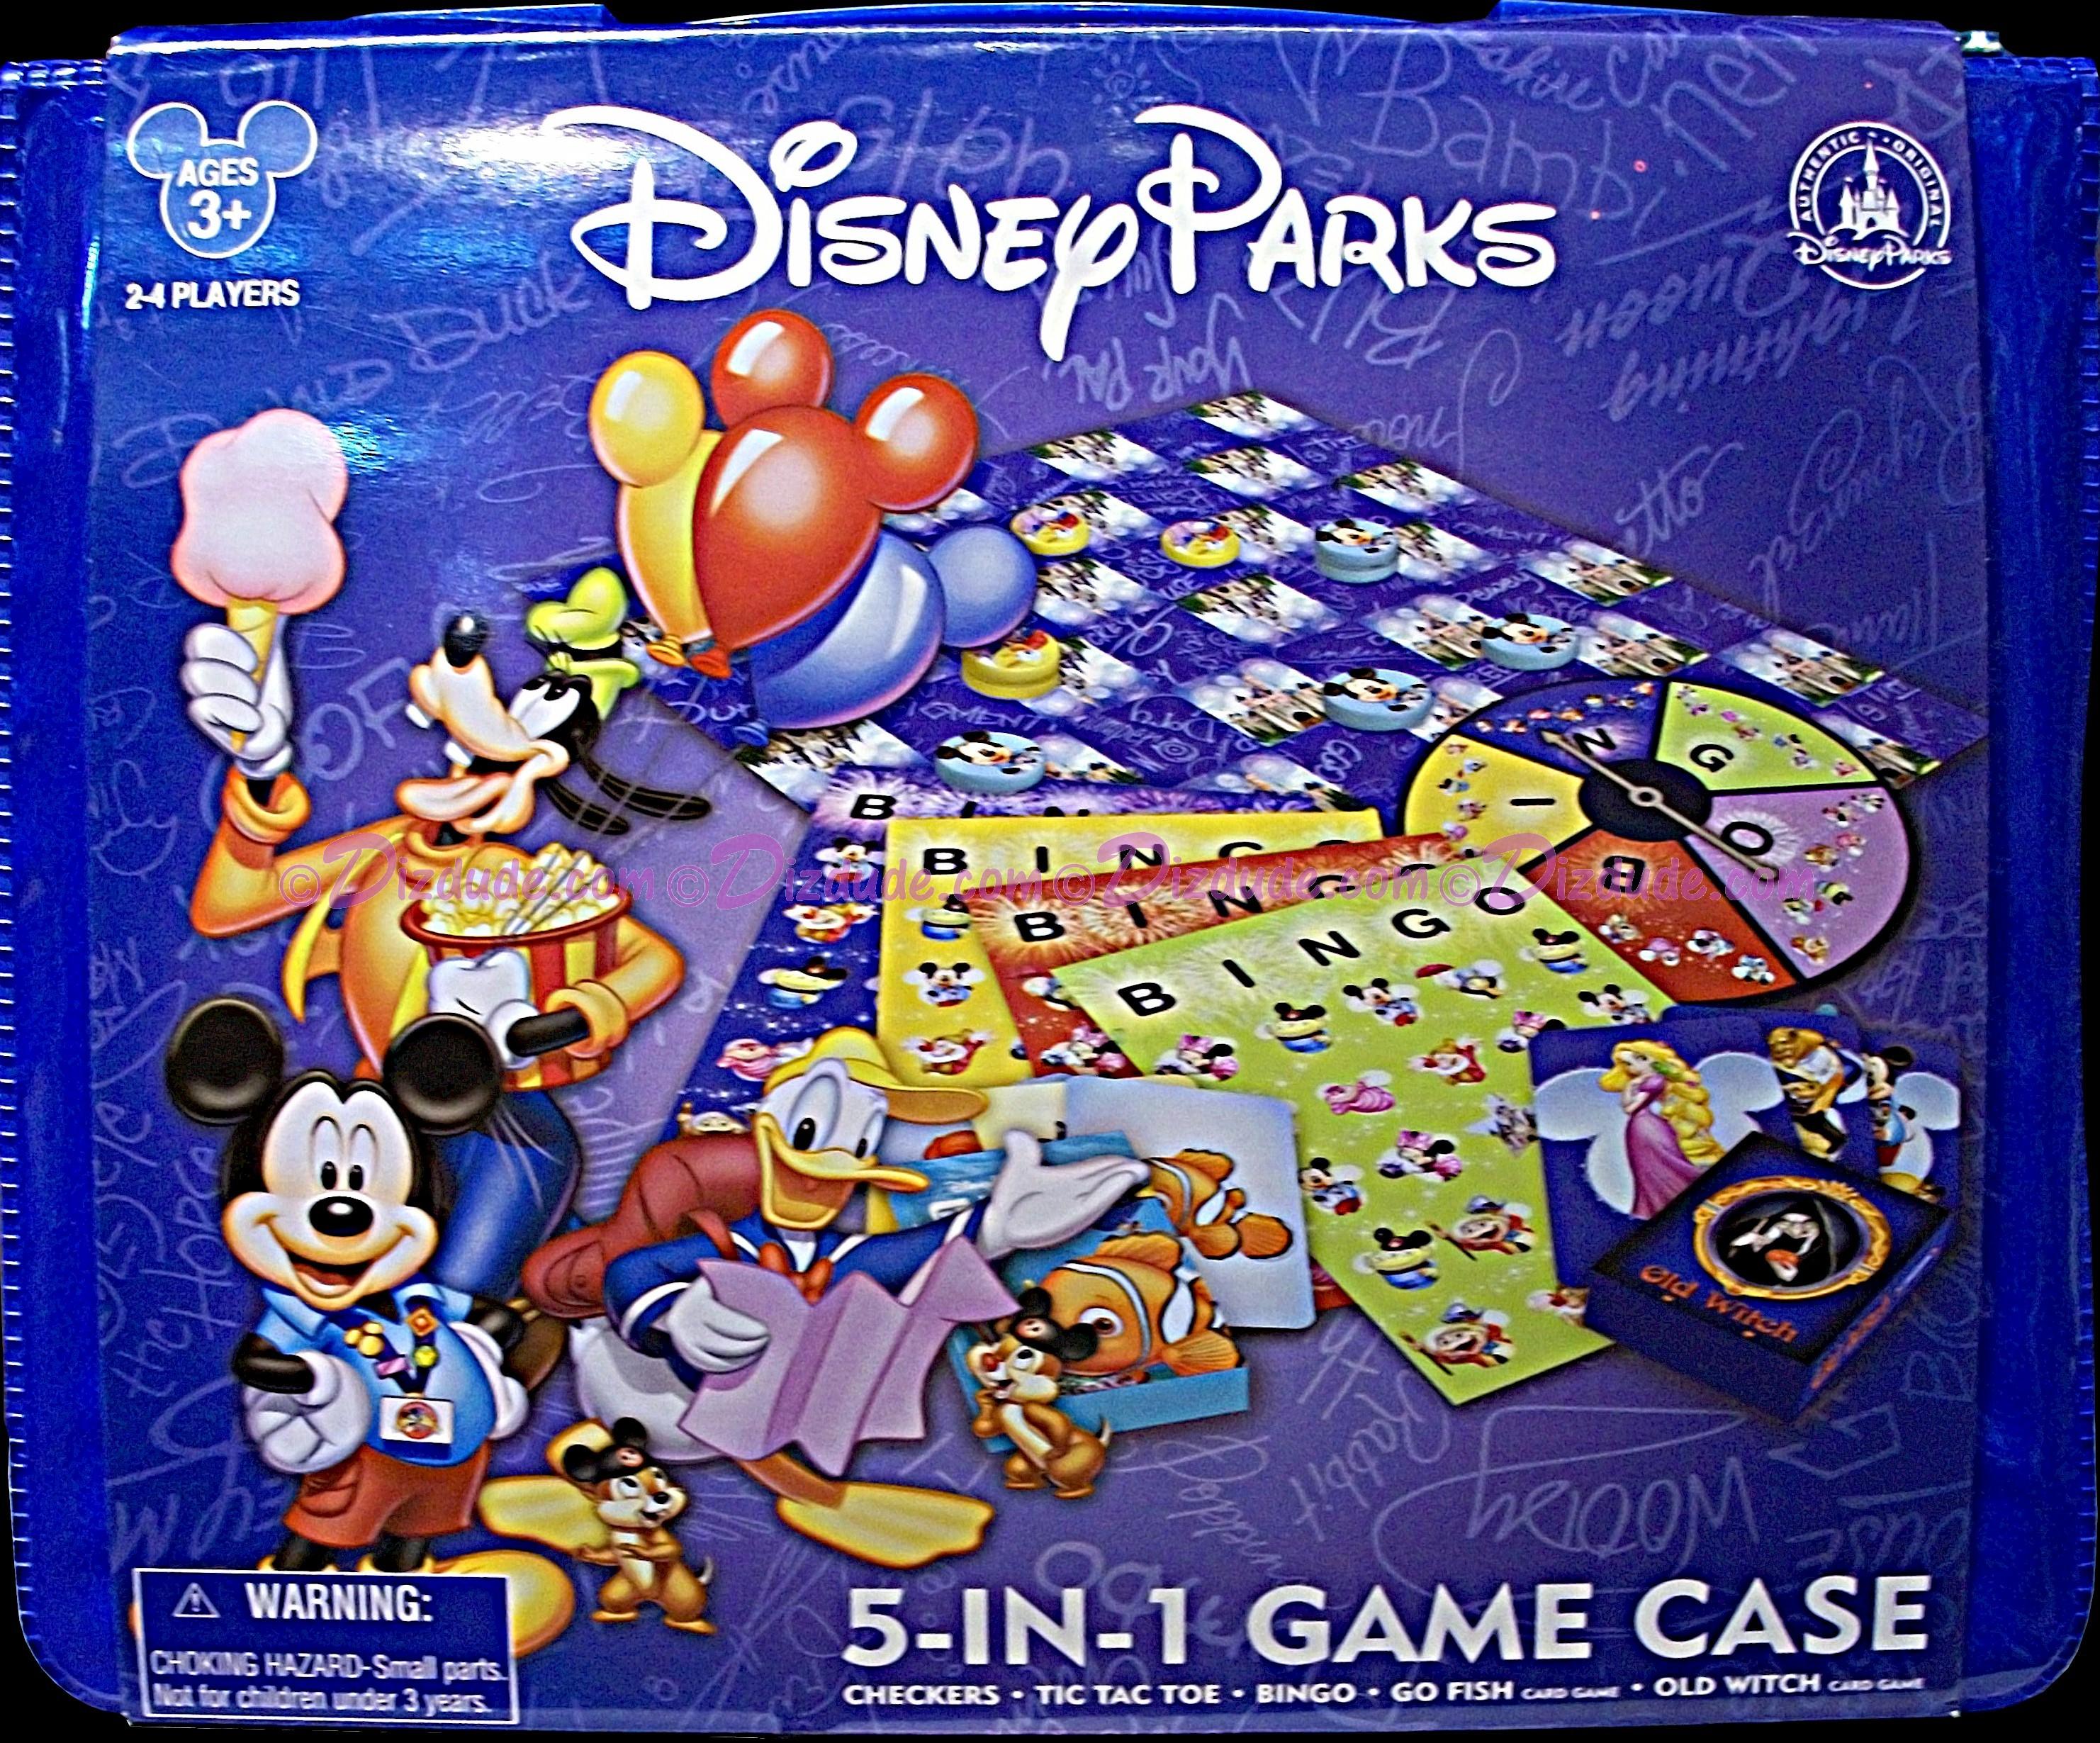 Disney 5-IN-1 Game Case © Dizdude.com